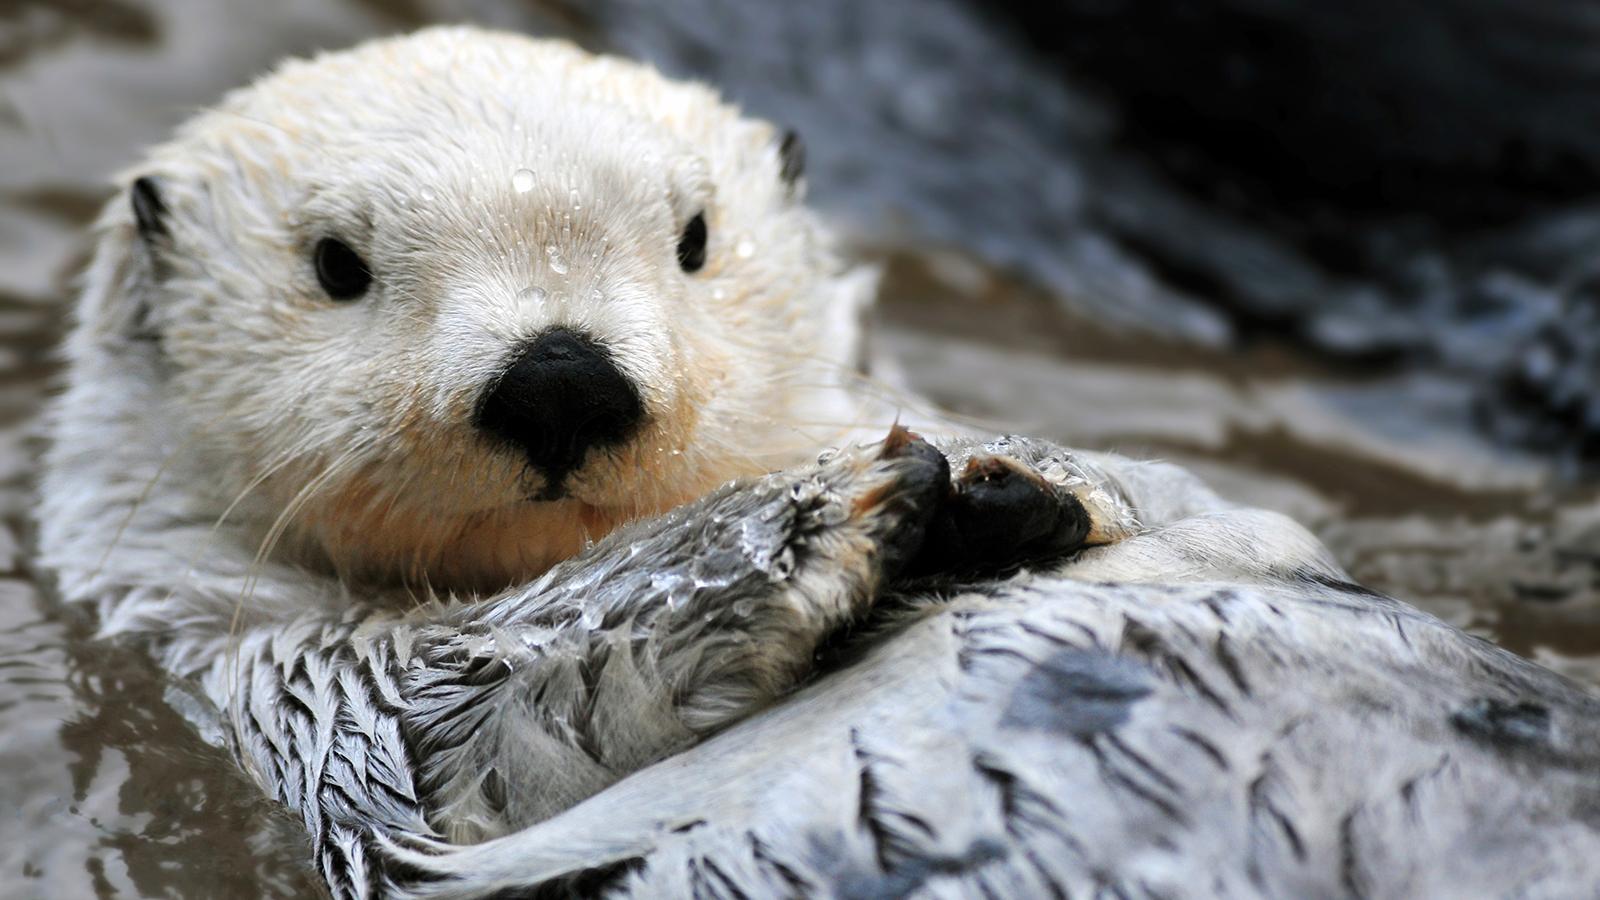 Sea Otter HD Wallpaper 1600x900